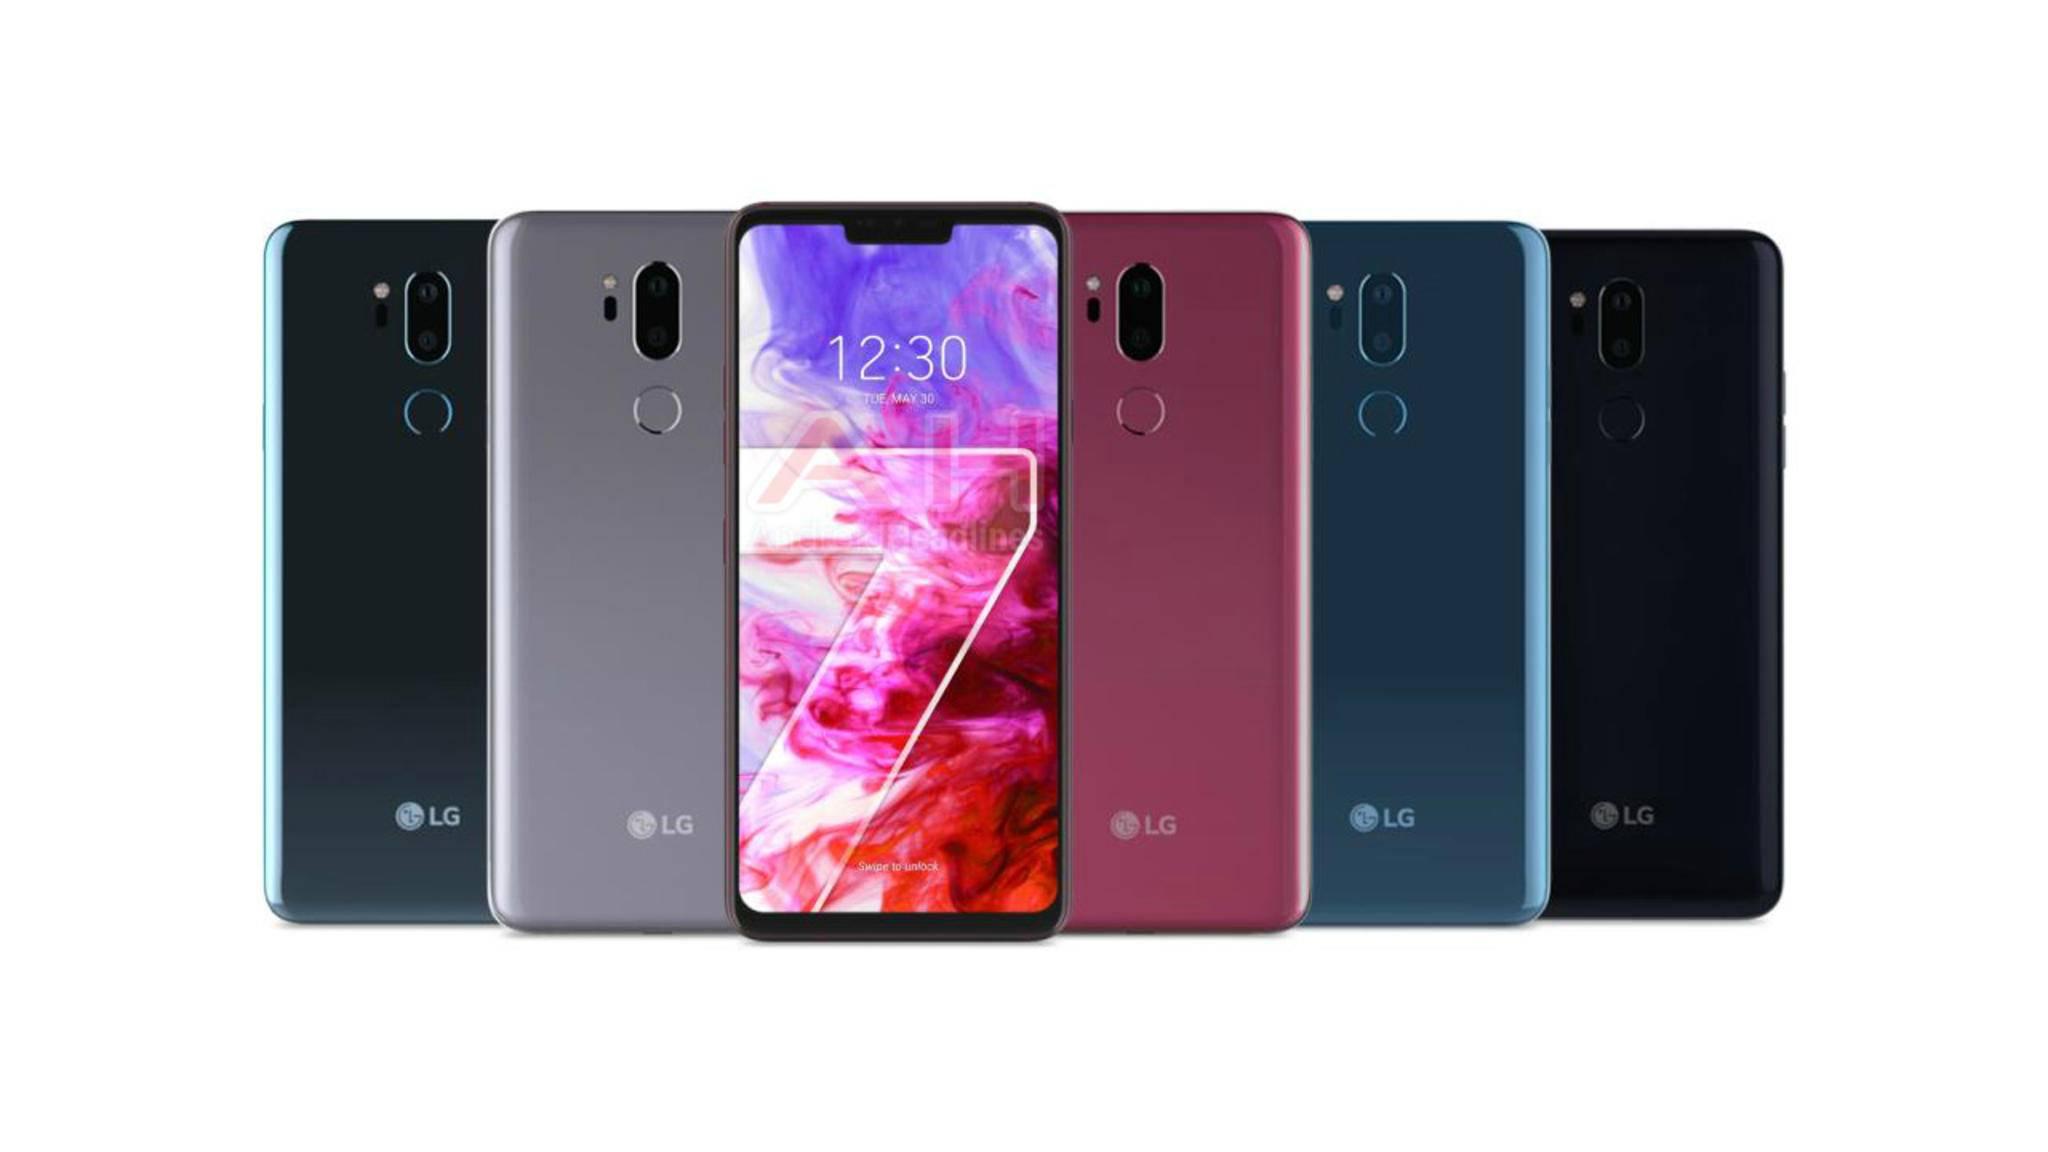 Das LG G7 ThinQ erscheint zum Release in fünf verschiedenen Farben.